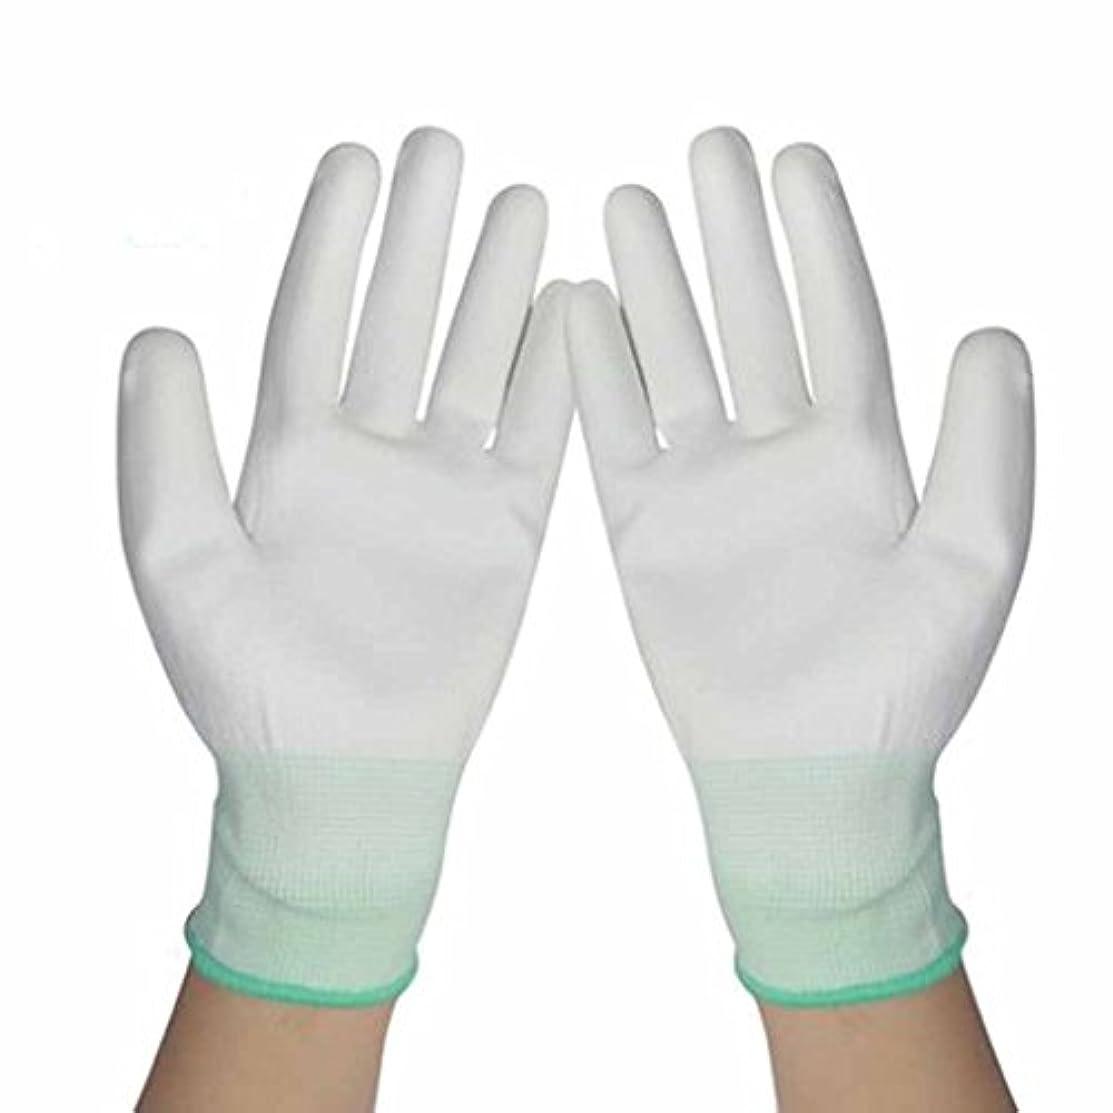 鉱石ランチ構築する使い捨て手袋 労働保険の保護ナイロン浸漬手袋防塵の帯電防止通気性耐摩耗手袋 (Size : 40 pairs)